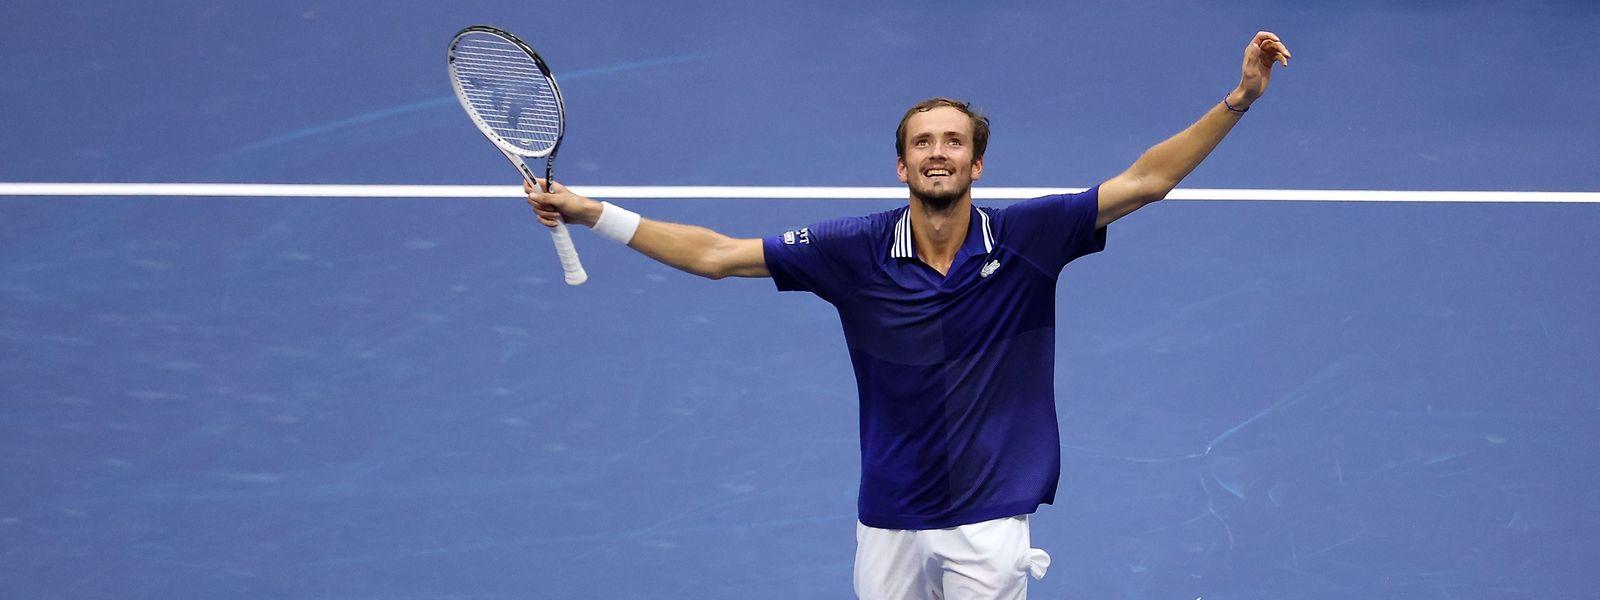 Daniil Medvedev lässt sich nach seinem ersten Sieg eines Grand-Slam-Turniers feiern.